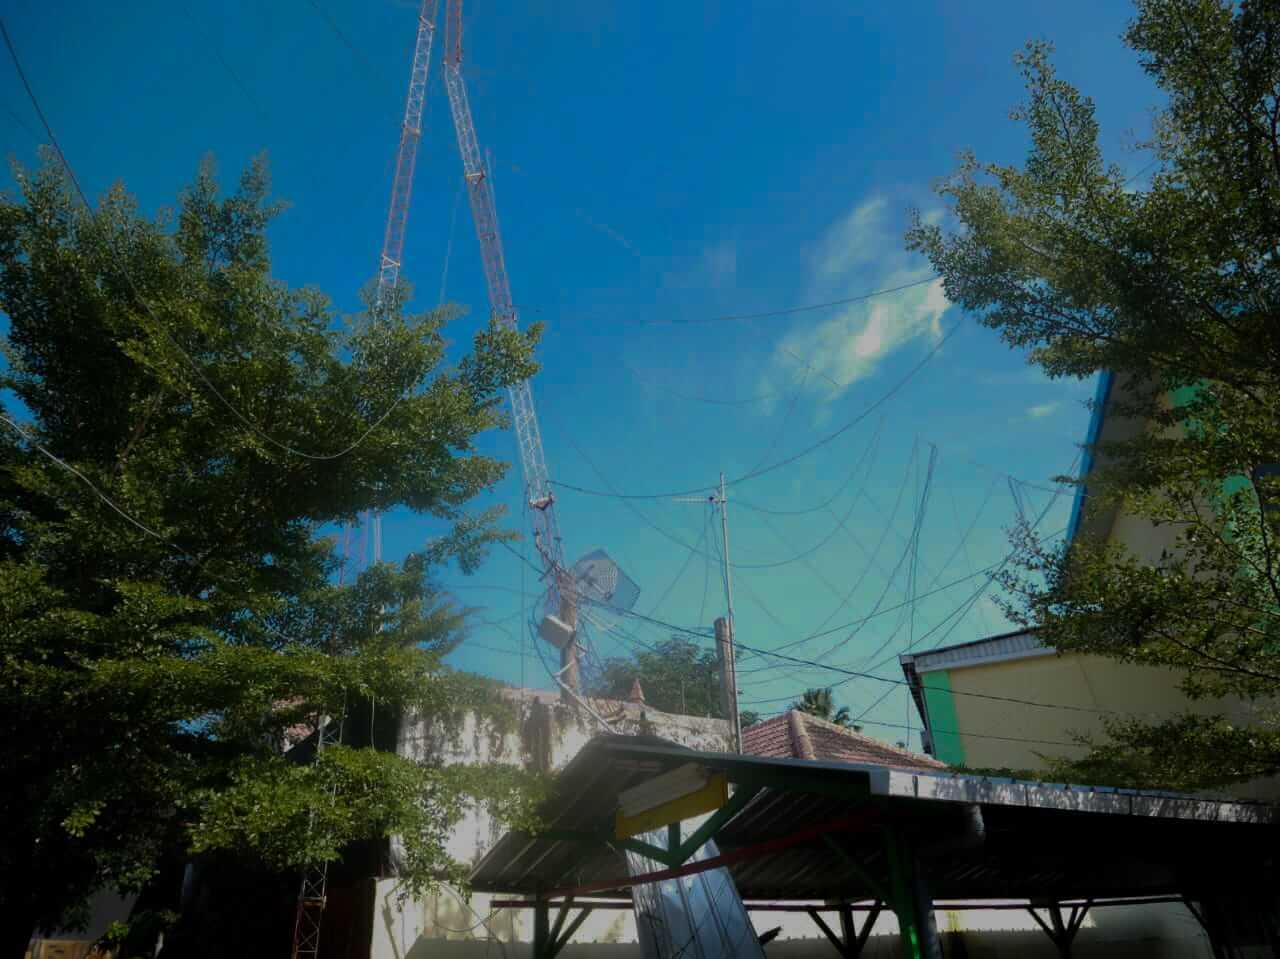 Penampakan tower milik Dinas Pendidikan Kabupaten Bojonegoro roboh usai diterpa angin kencang. (Foto: Istimewa)